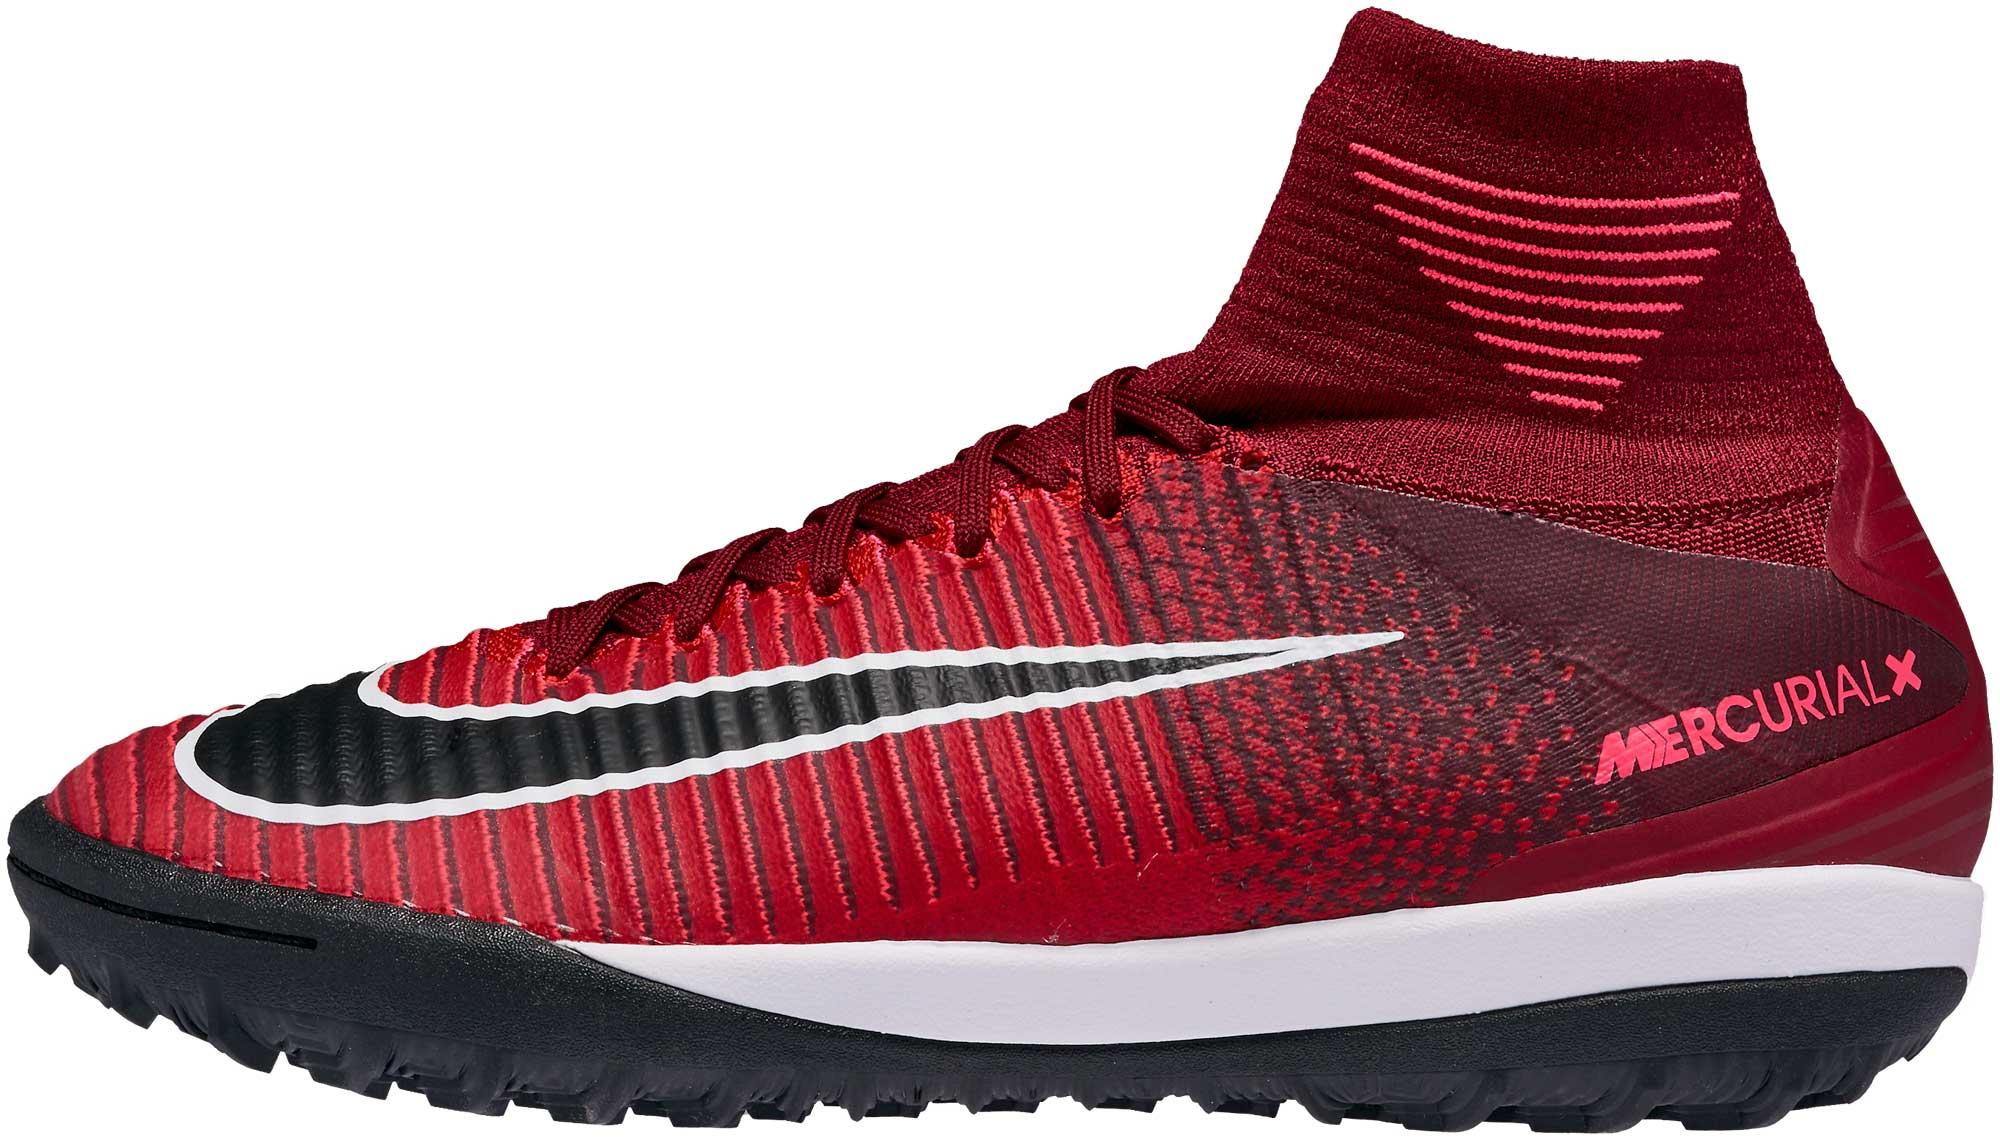 Nike MercurialX Proximo II TF- Red